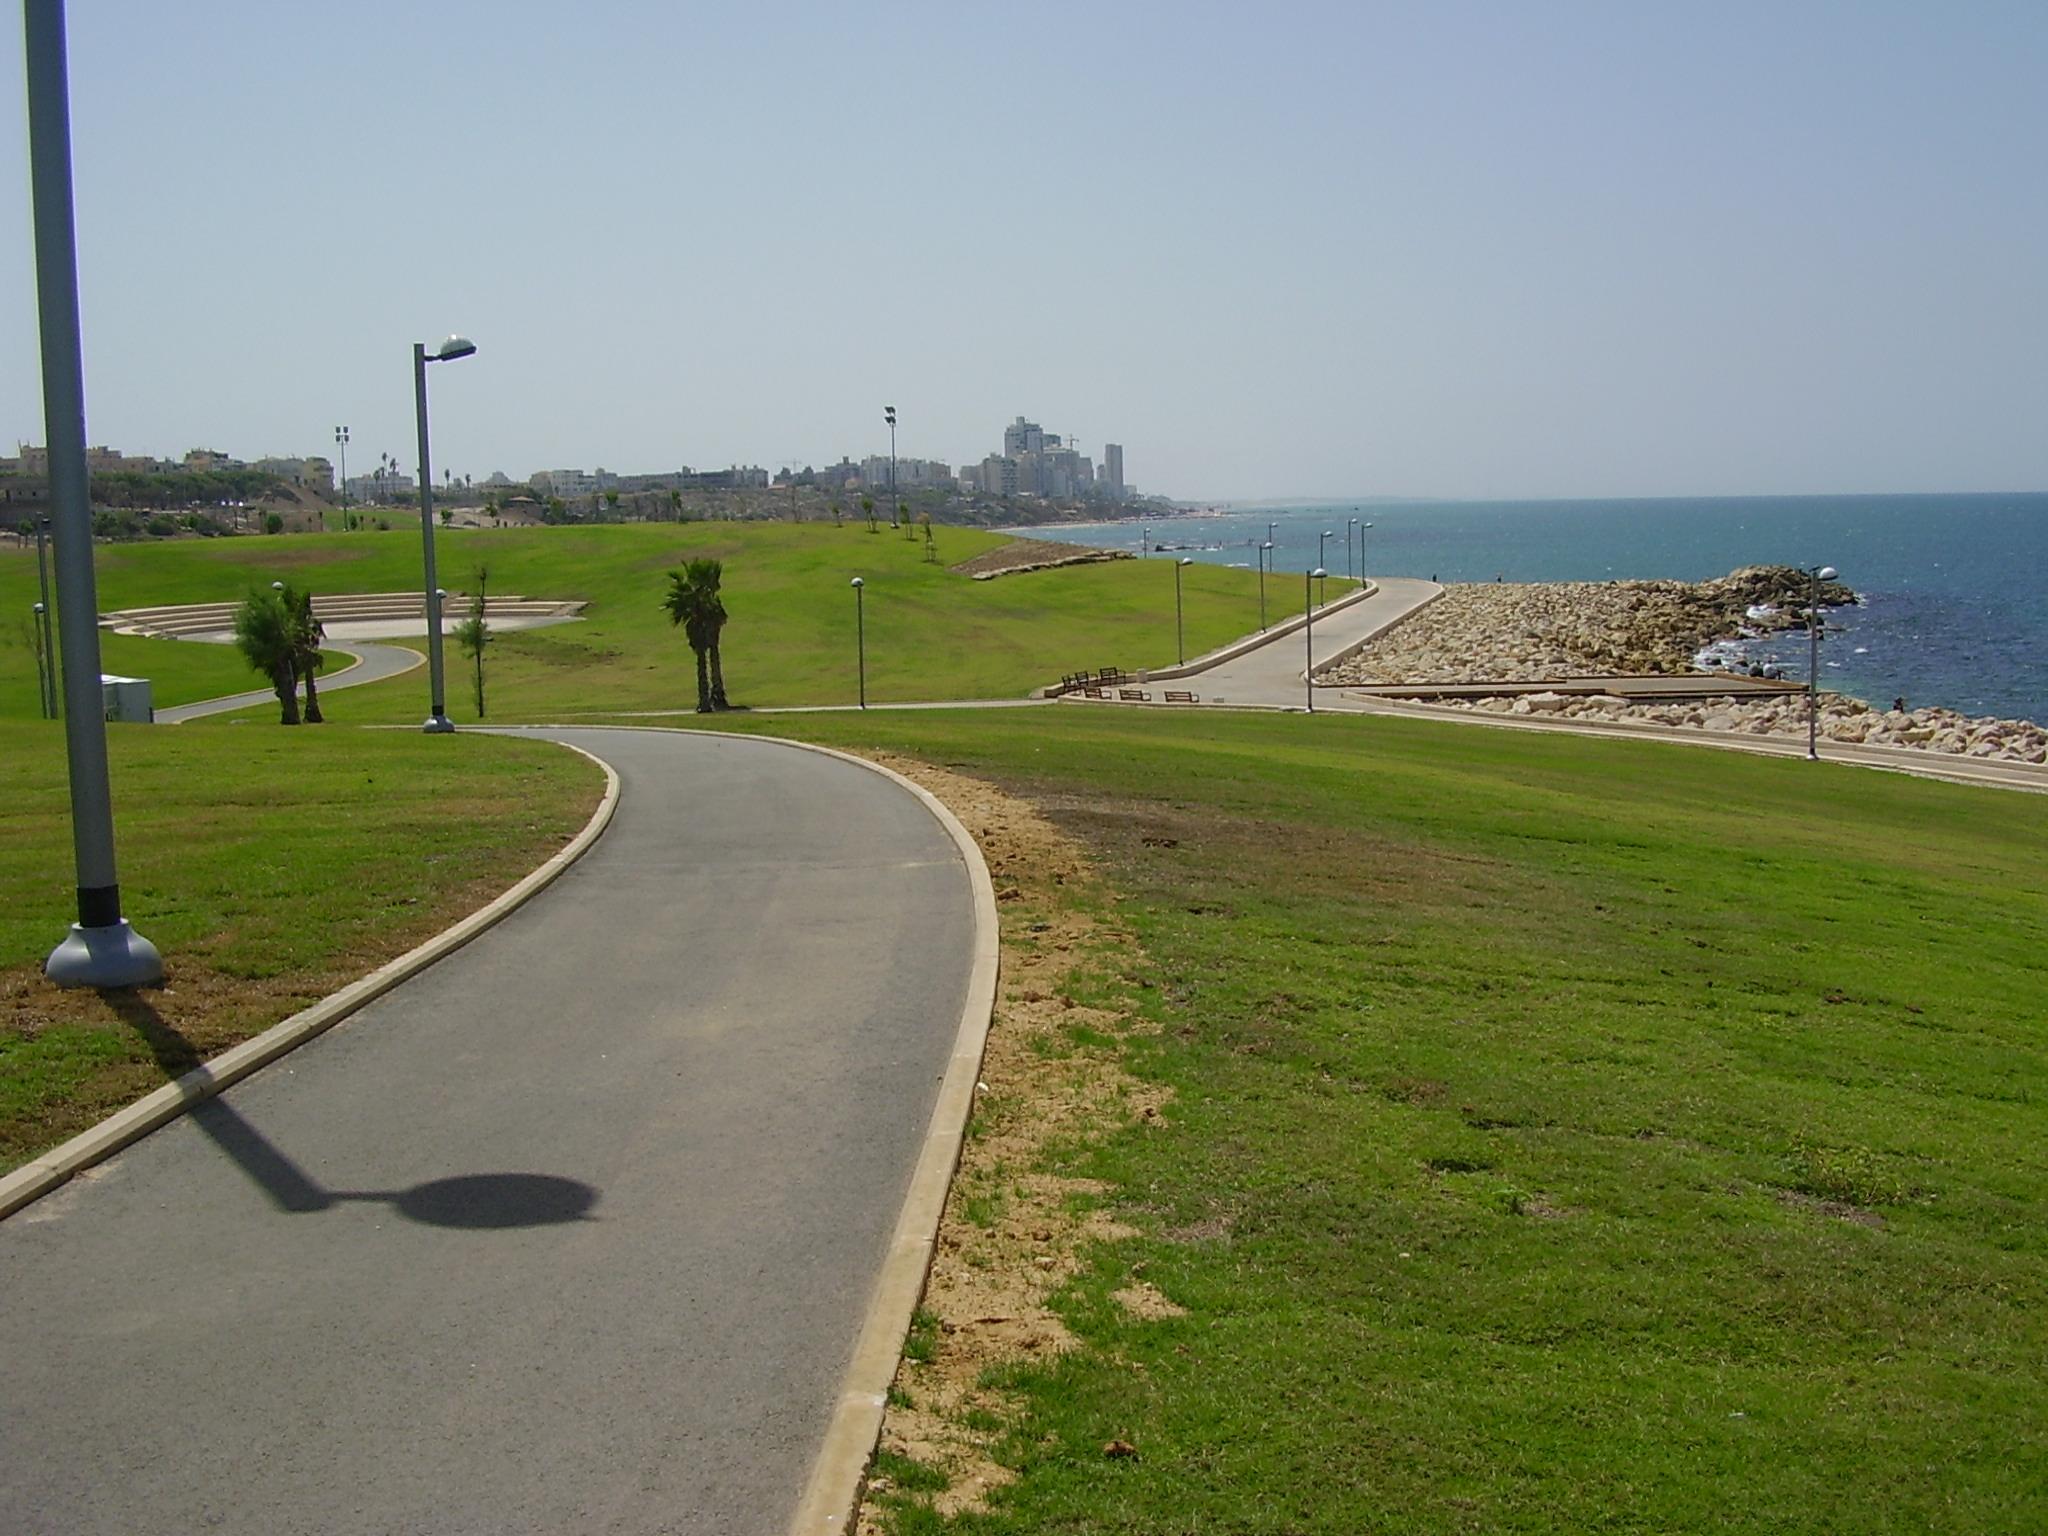 גם כאן בישראל, הדשא מתפרש עד האופק. פארק מדרון יפו (צילום: avishai teicher, ויקיפדיה)